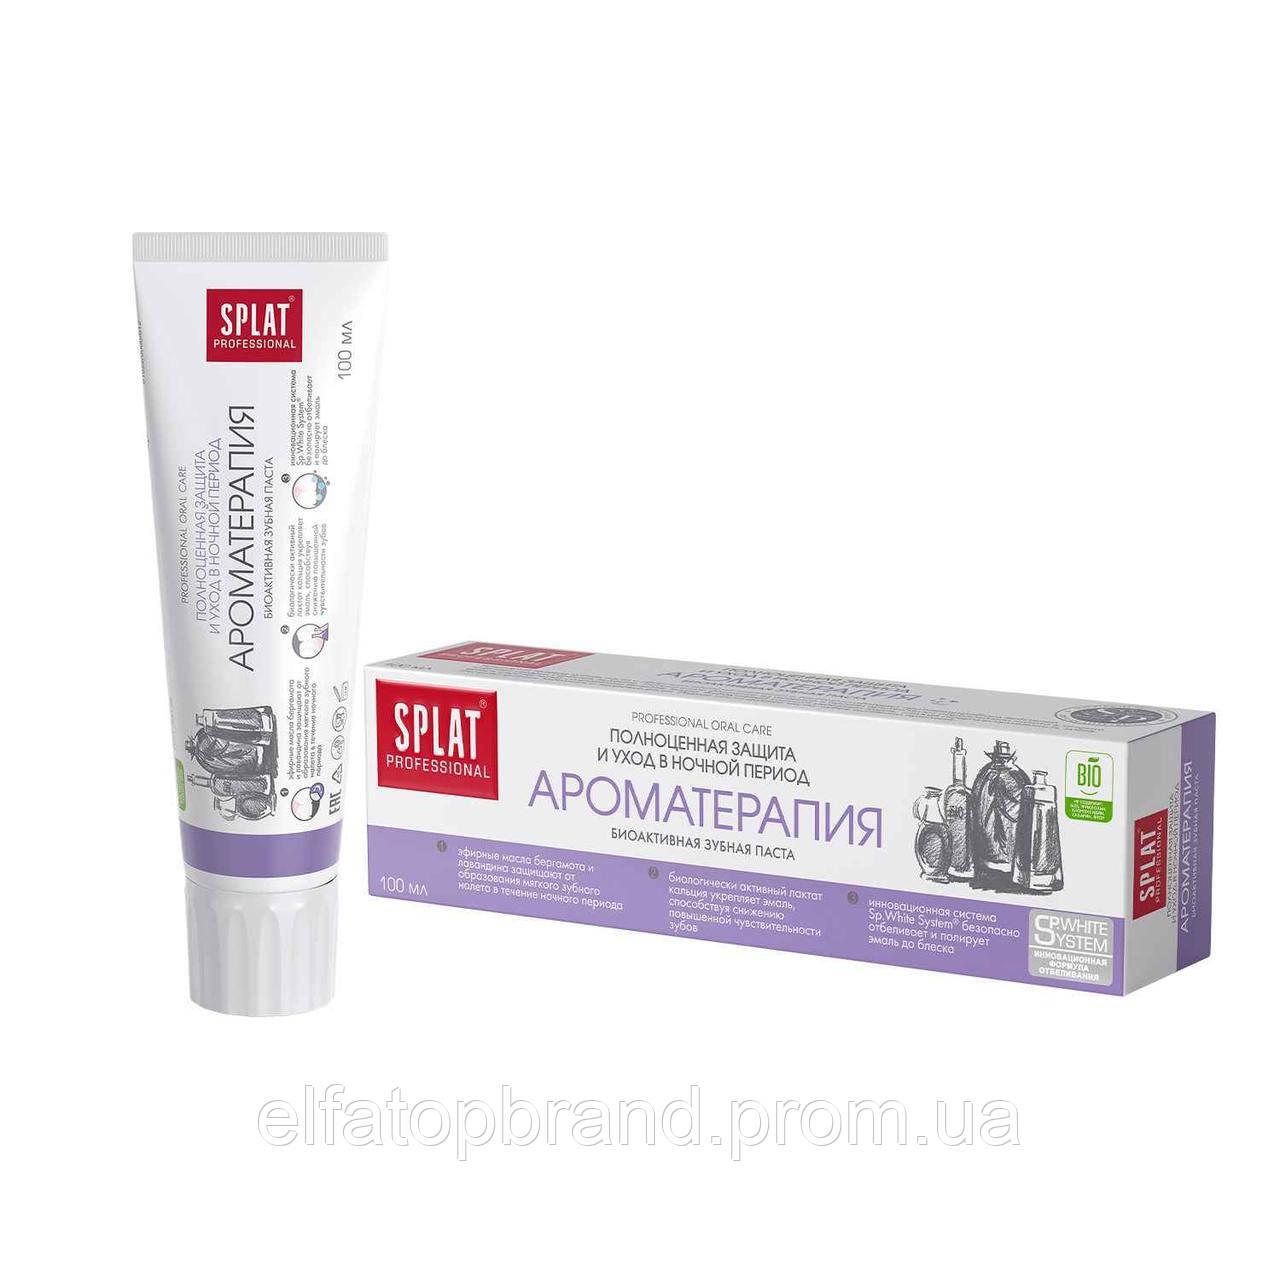 Зубная Паста Защита И Уход В Ночной Период Splat Professional Aromatherapy Сплат Ароматерапия 100 мл